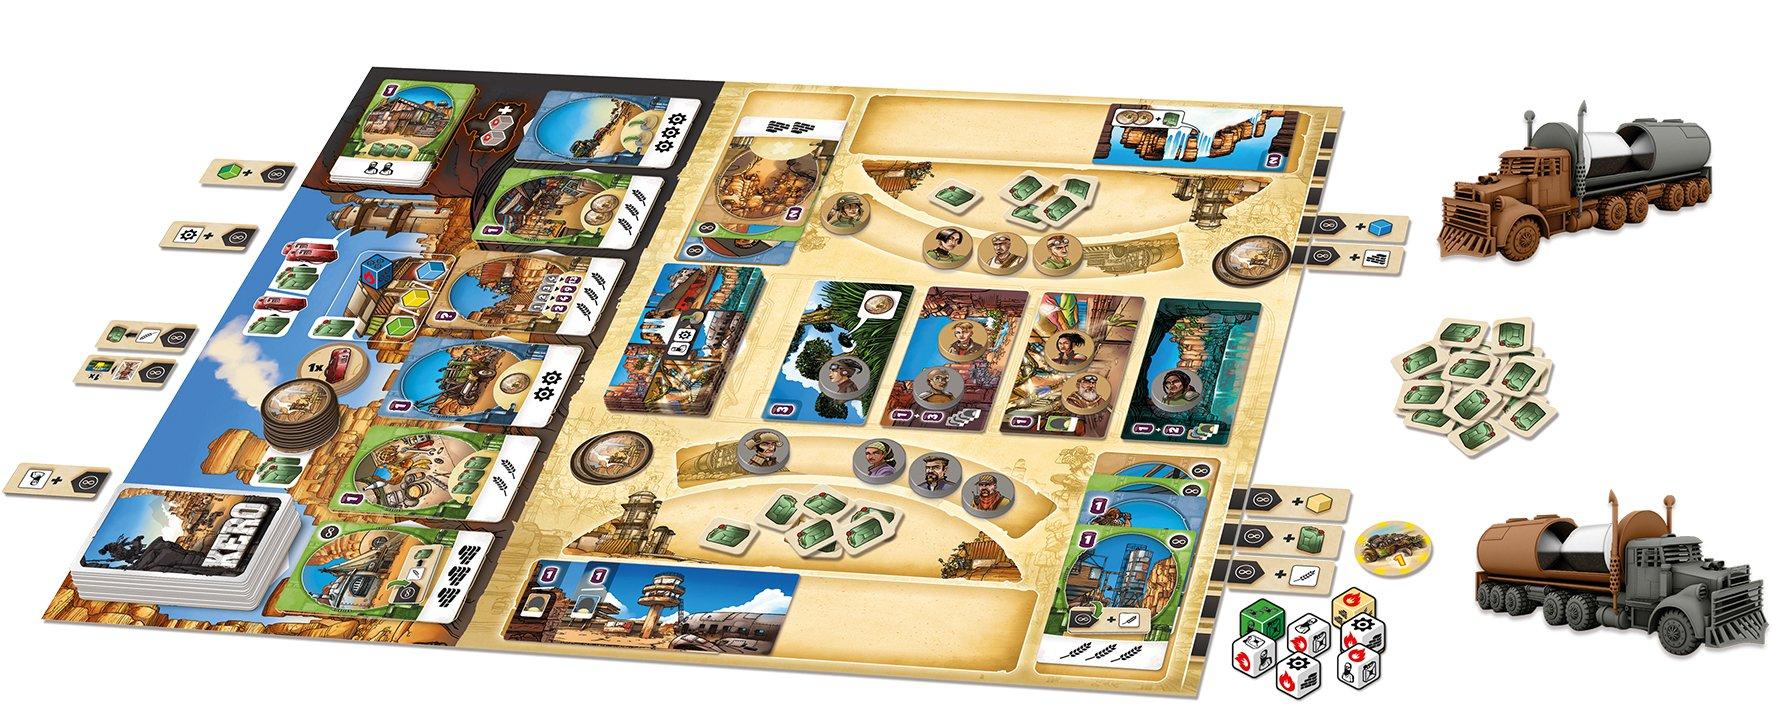 Asmodee- Kero - Español, One Size (HUKE0001): Amazon.es: Juguetes y juegos